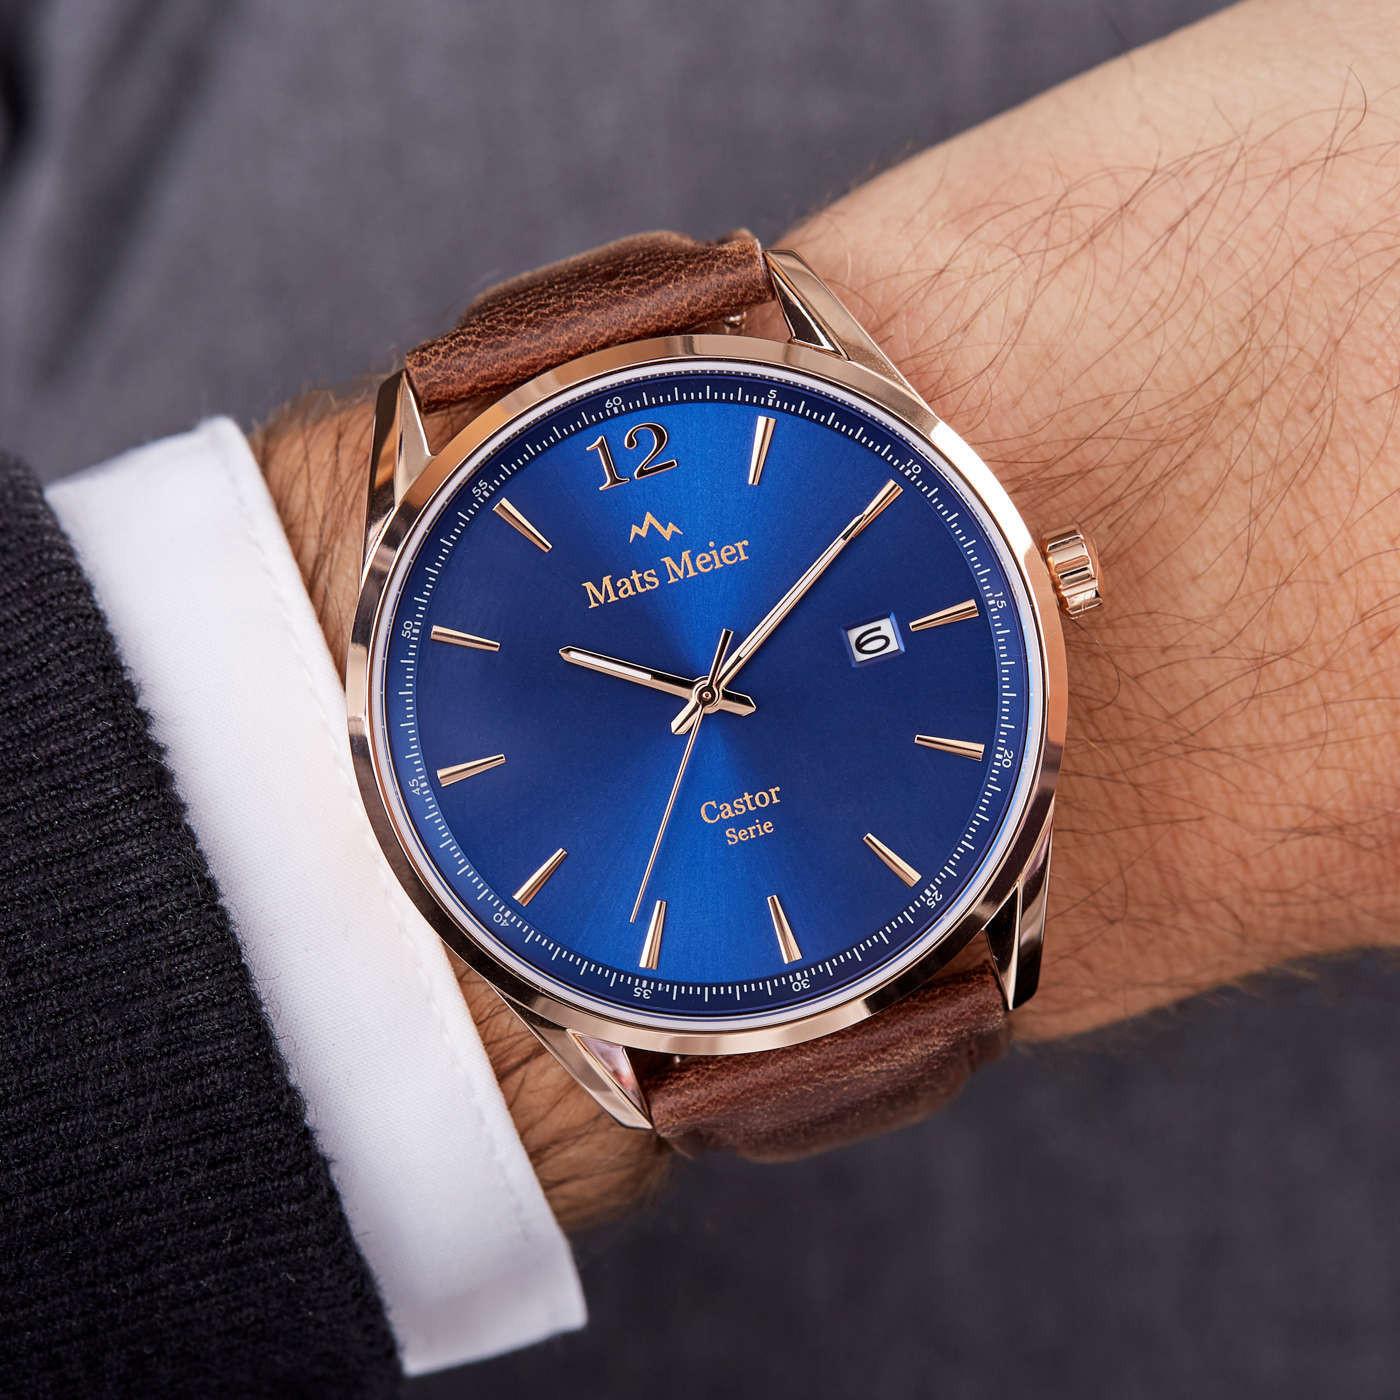 Mats Meier Castor Blauw/Rosegoudkleurig horloge MM01013